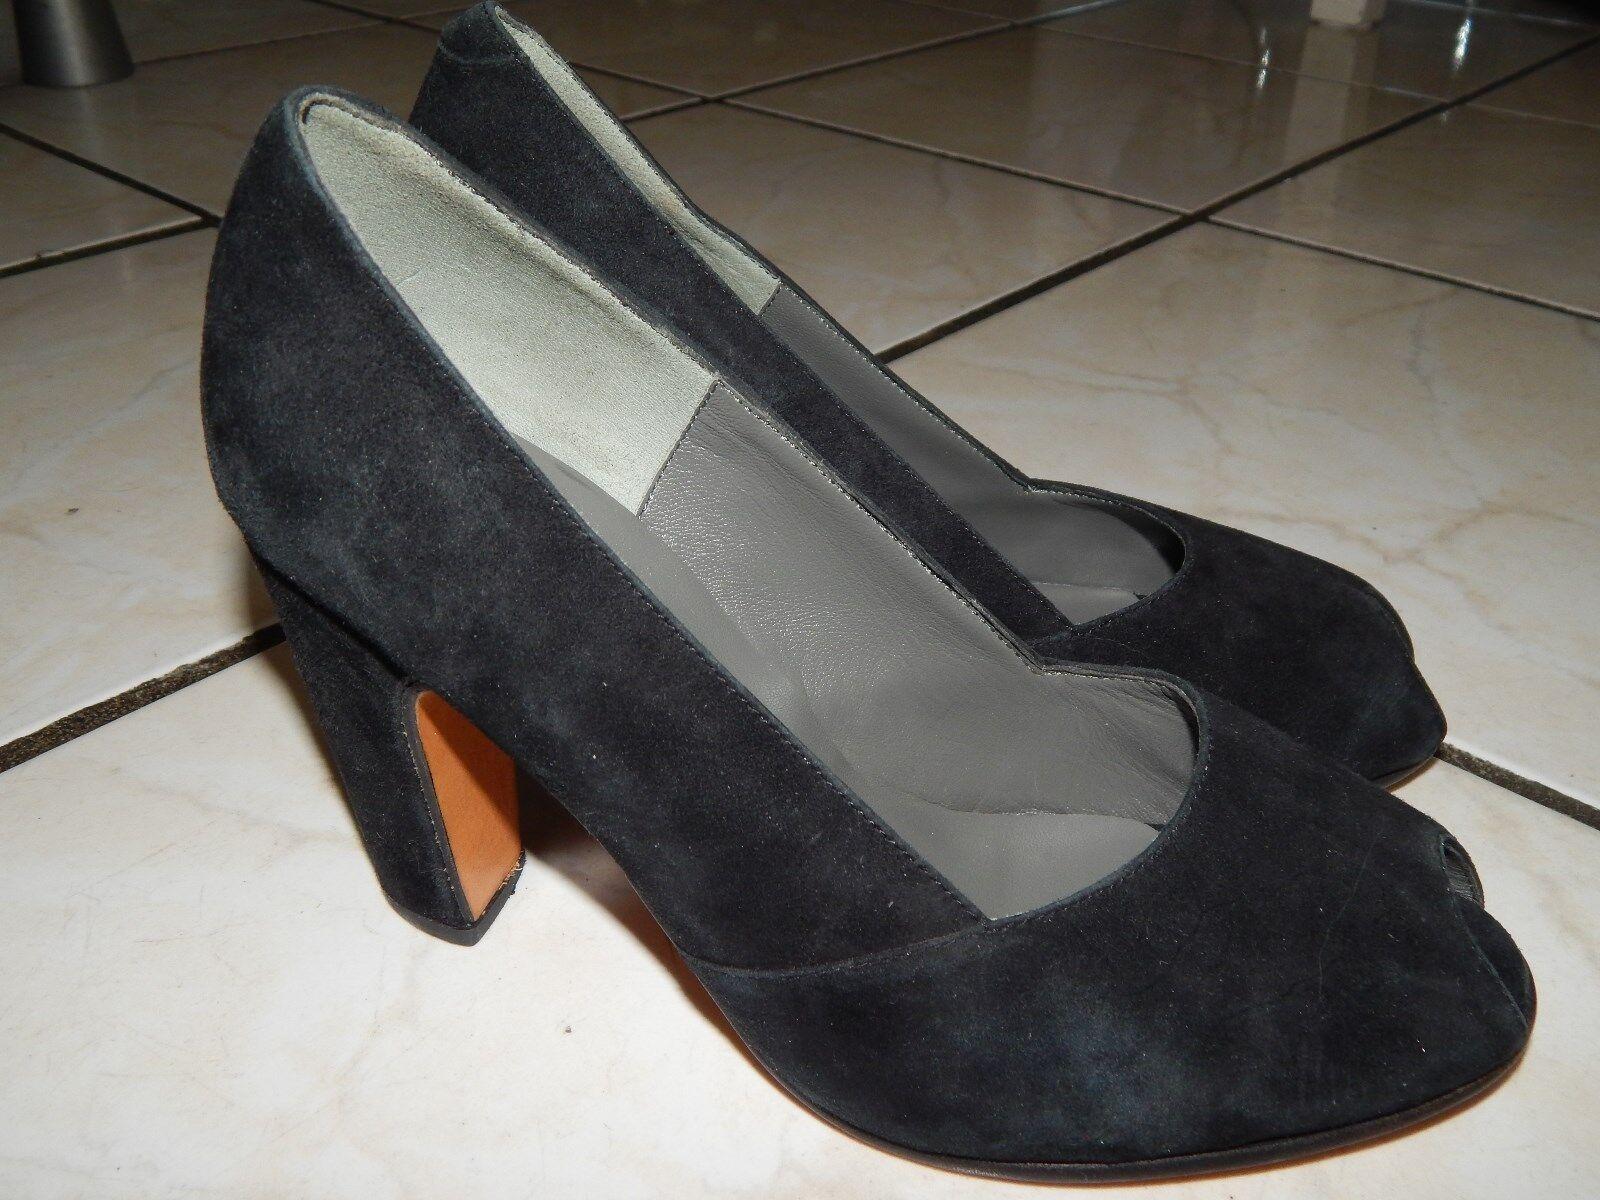 SELVE Loafers Mokassins Handmade Halbschuhe Ballerinas Handmade Mokassins Gr. 36,5 Echt Leder (13) 8f06da